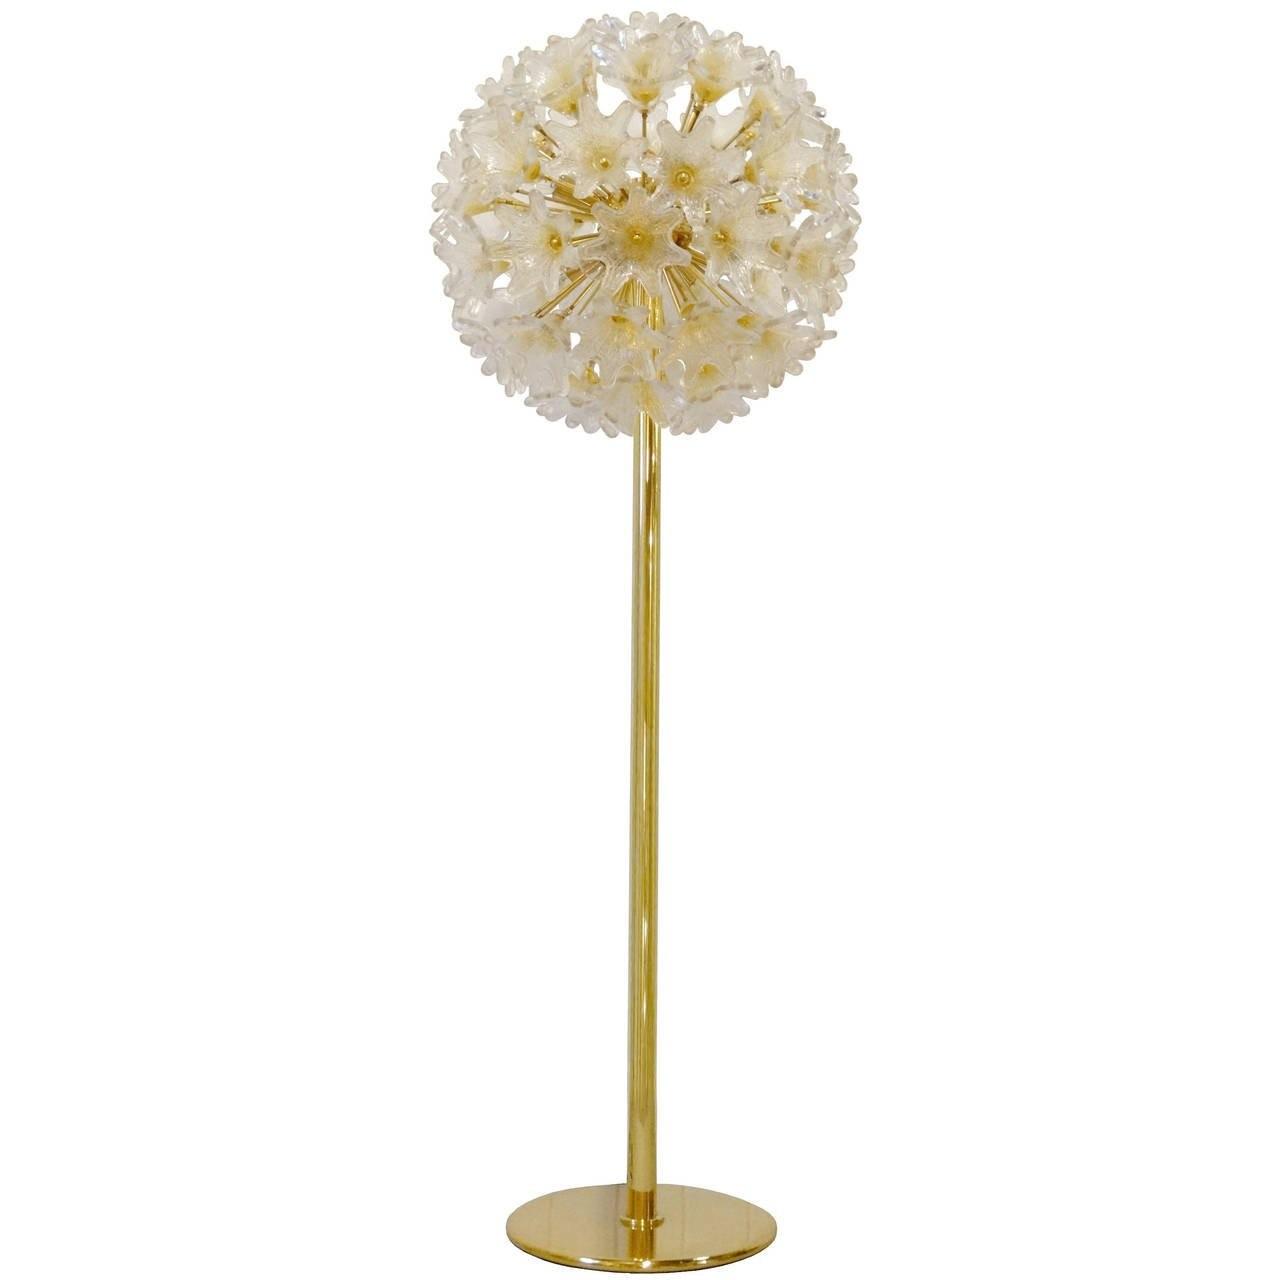 Pair of Murano Glass Flower Ball Floor Lamp - Floor Lamps - Lighting ...